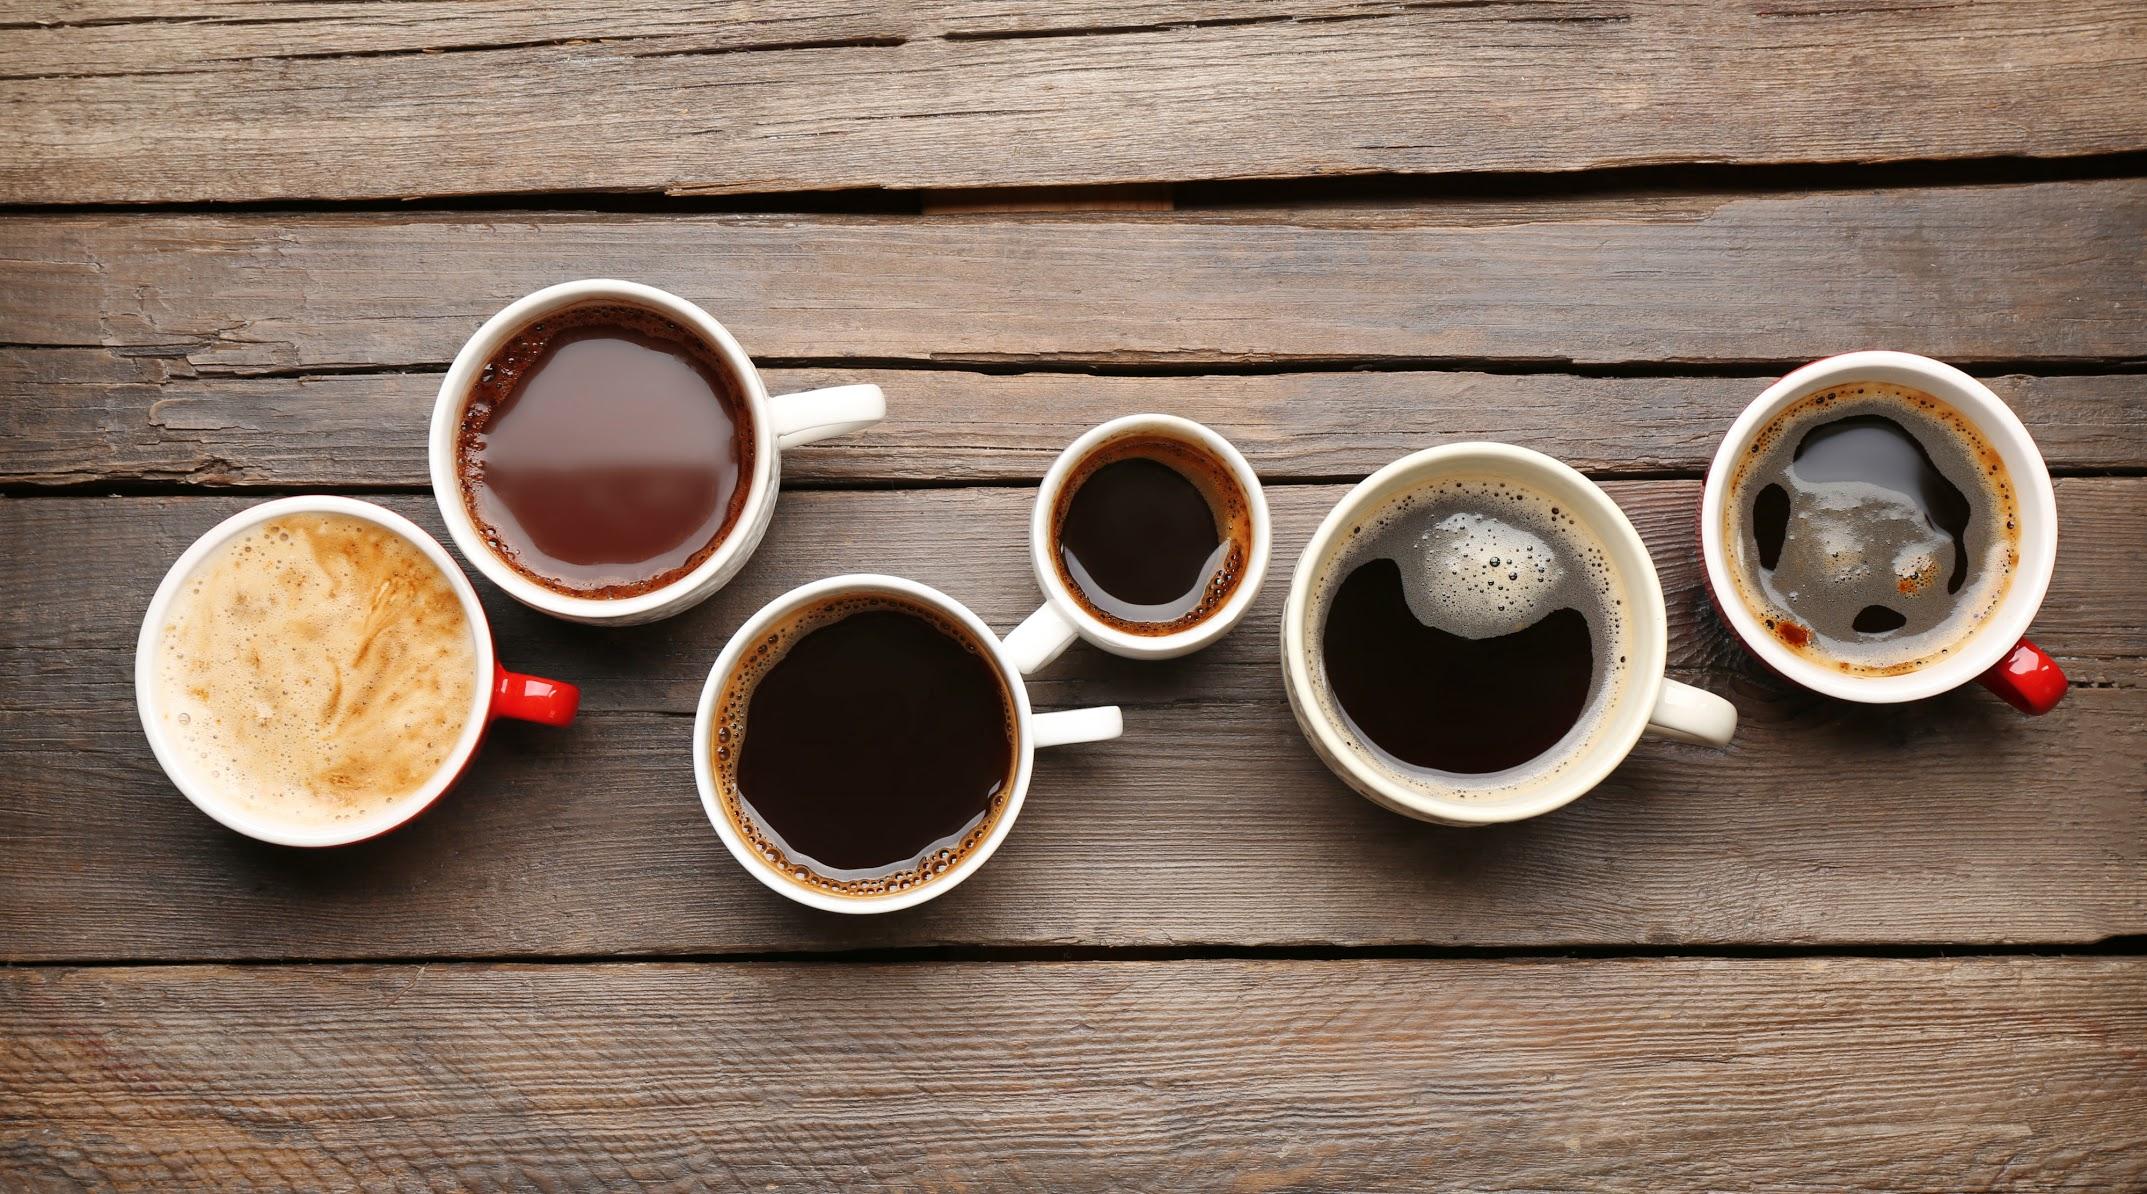 две чашки кофе и кофейник картинки актрисы обострилось варикозное